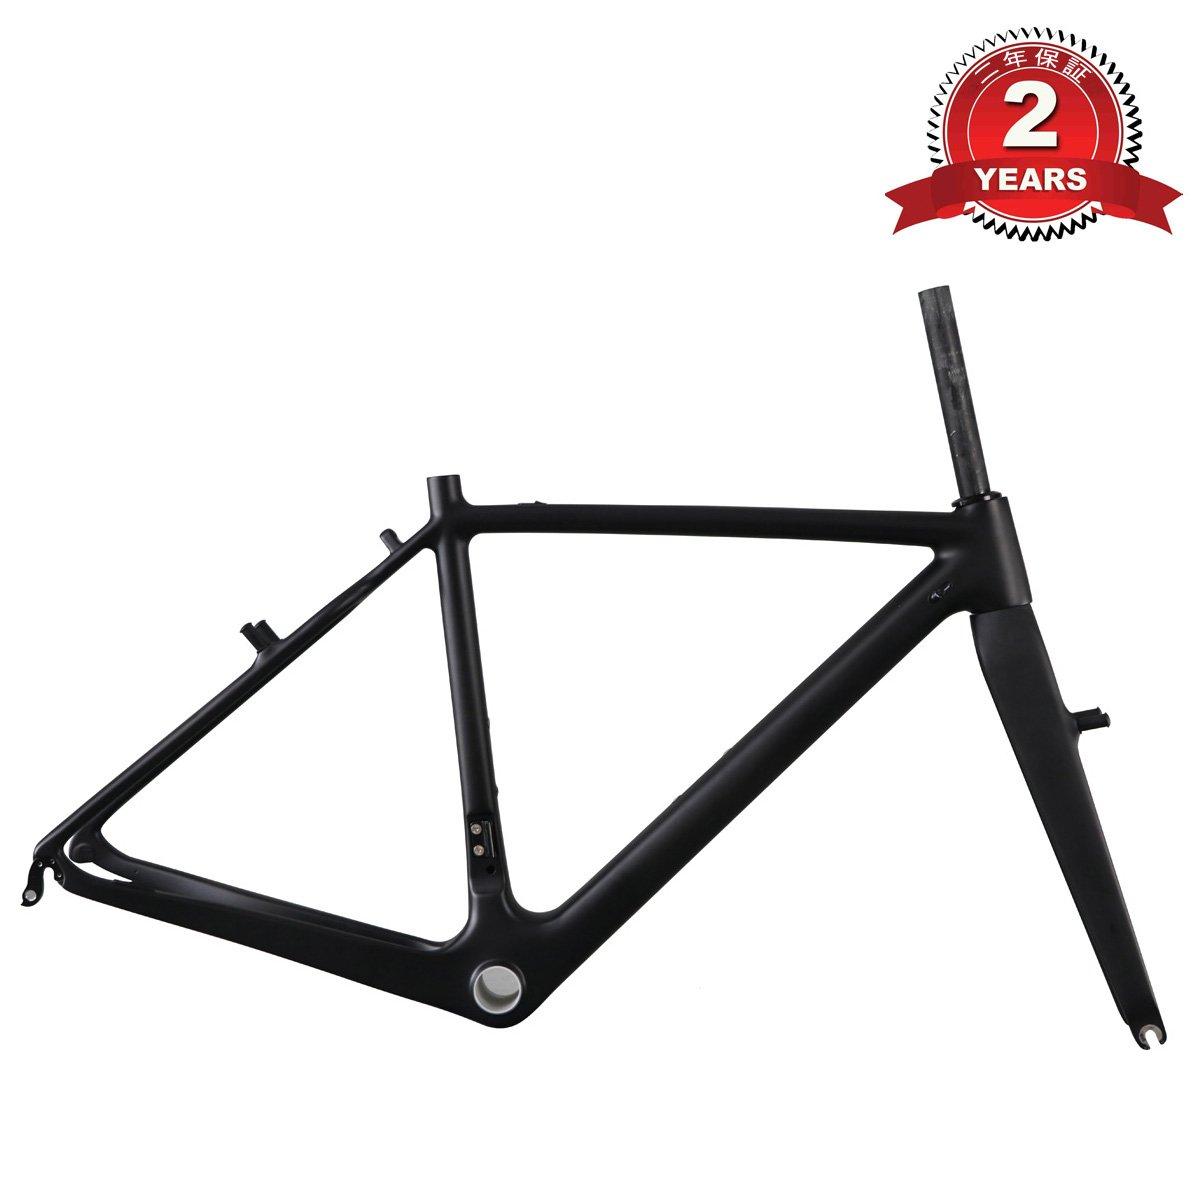 ICAN(アイカン) AC108 フルカーボン フレーム クロスバイク用 キャリパーブレーキ フレーム UDマット(黒) BB86 貫通軸 130×9mm サイズ: 48/50/52/54/56/58cm 選択可 B01IMW9OPY 58cm